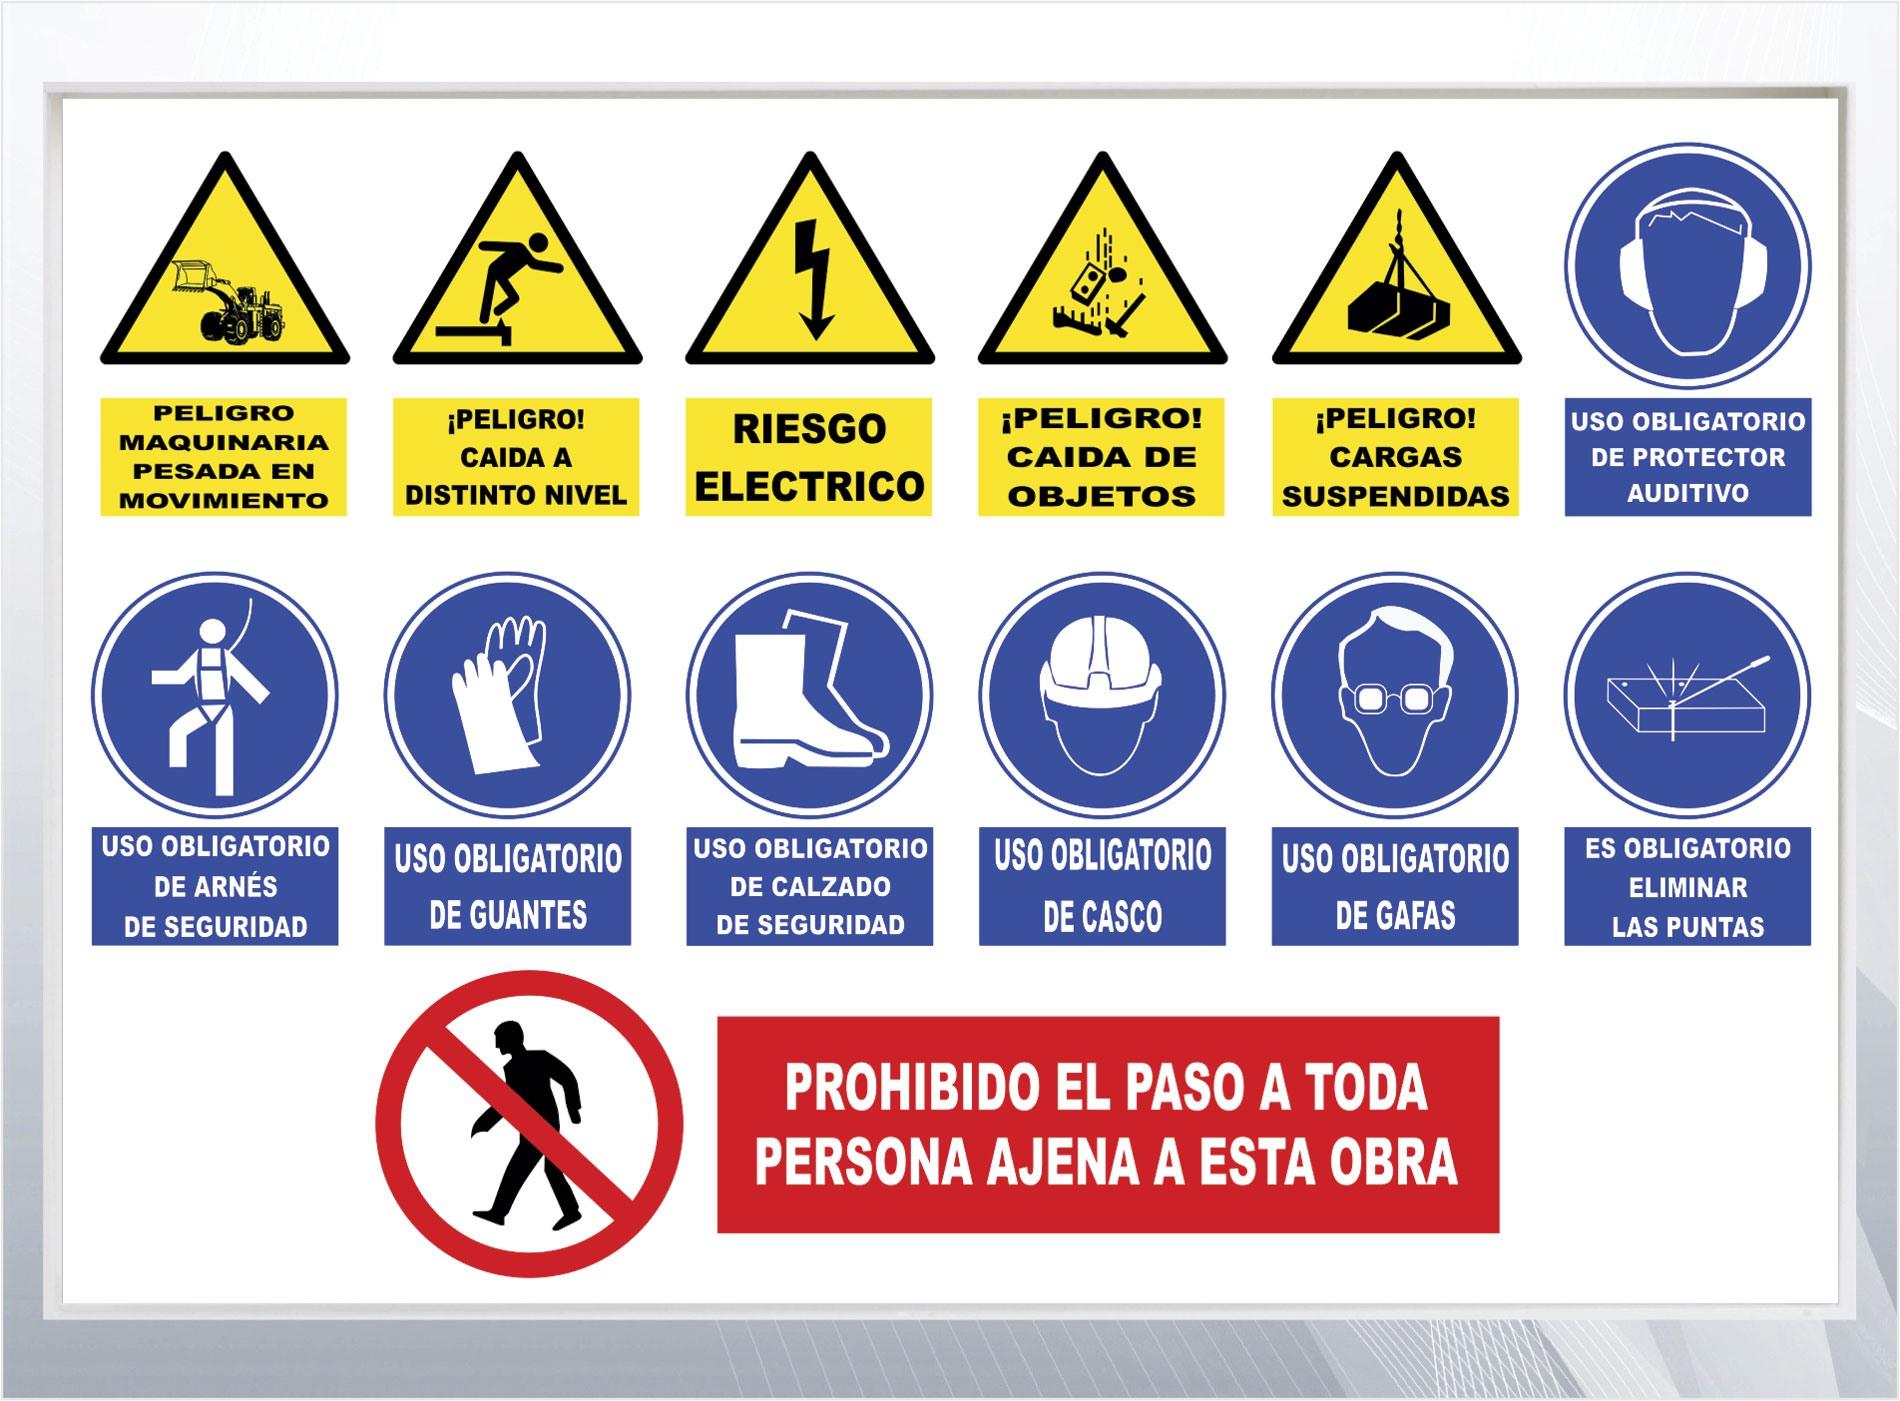 70_señal_seguridad_acrílico_vinilo_reflectivo_ggcm